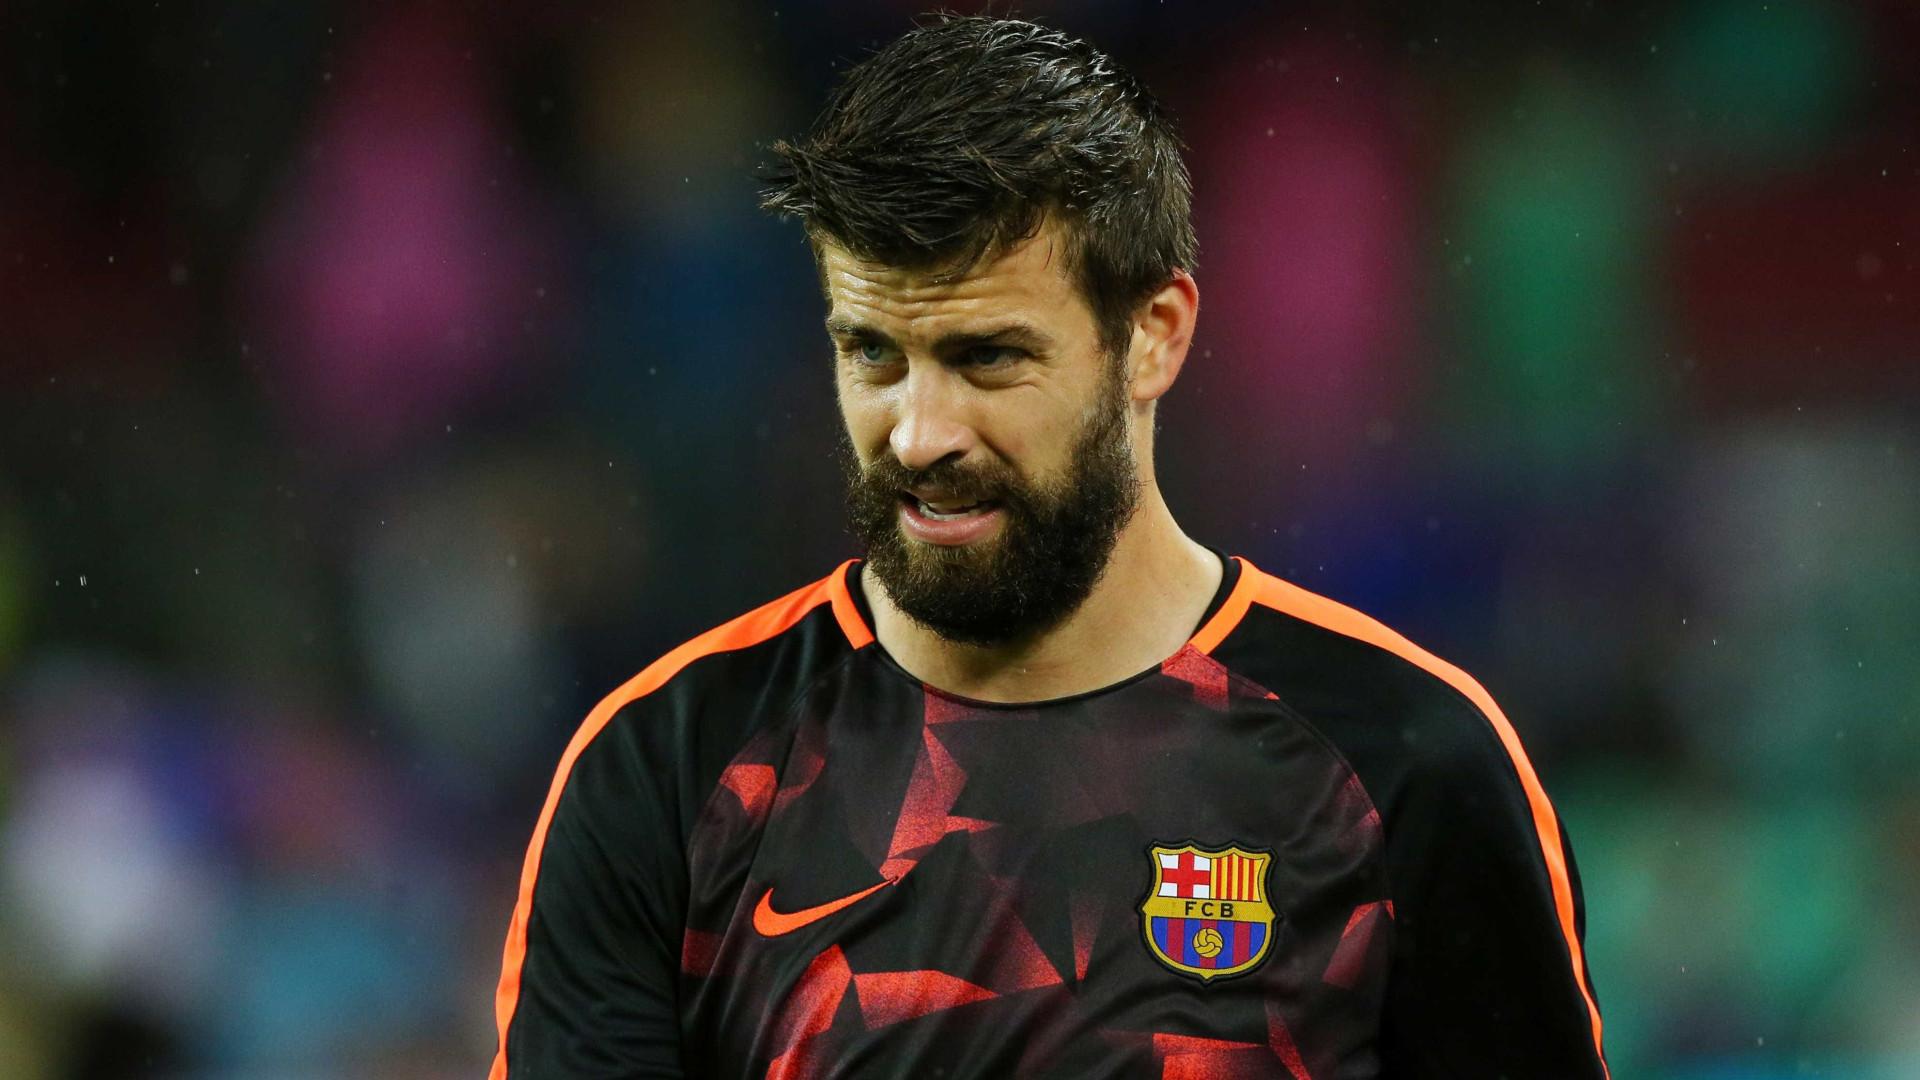 Com multa rescisória bilionária, Barcelona renova com Piqué até 2022